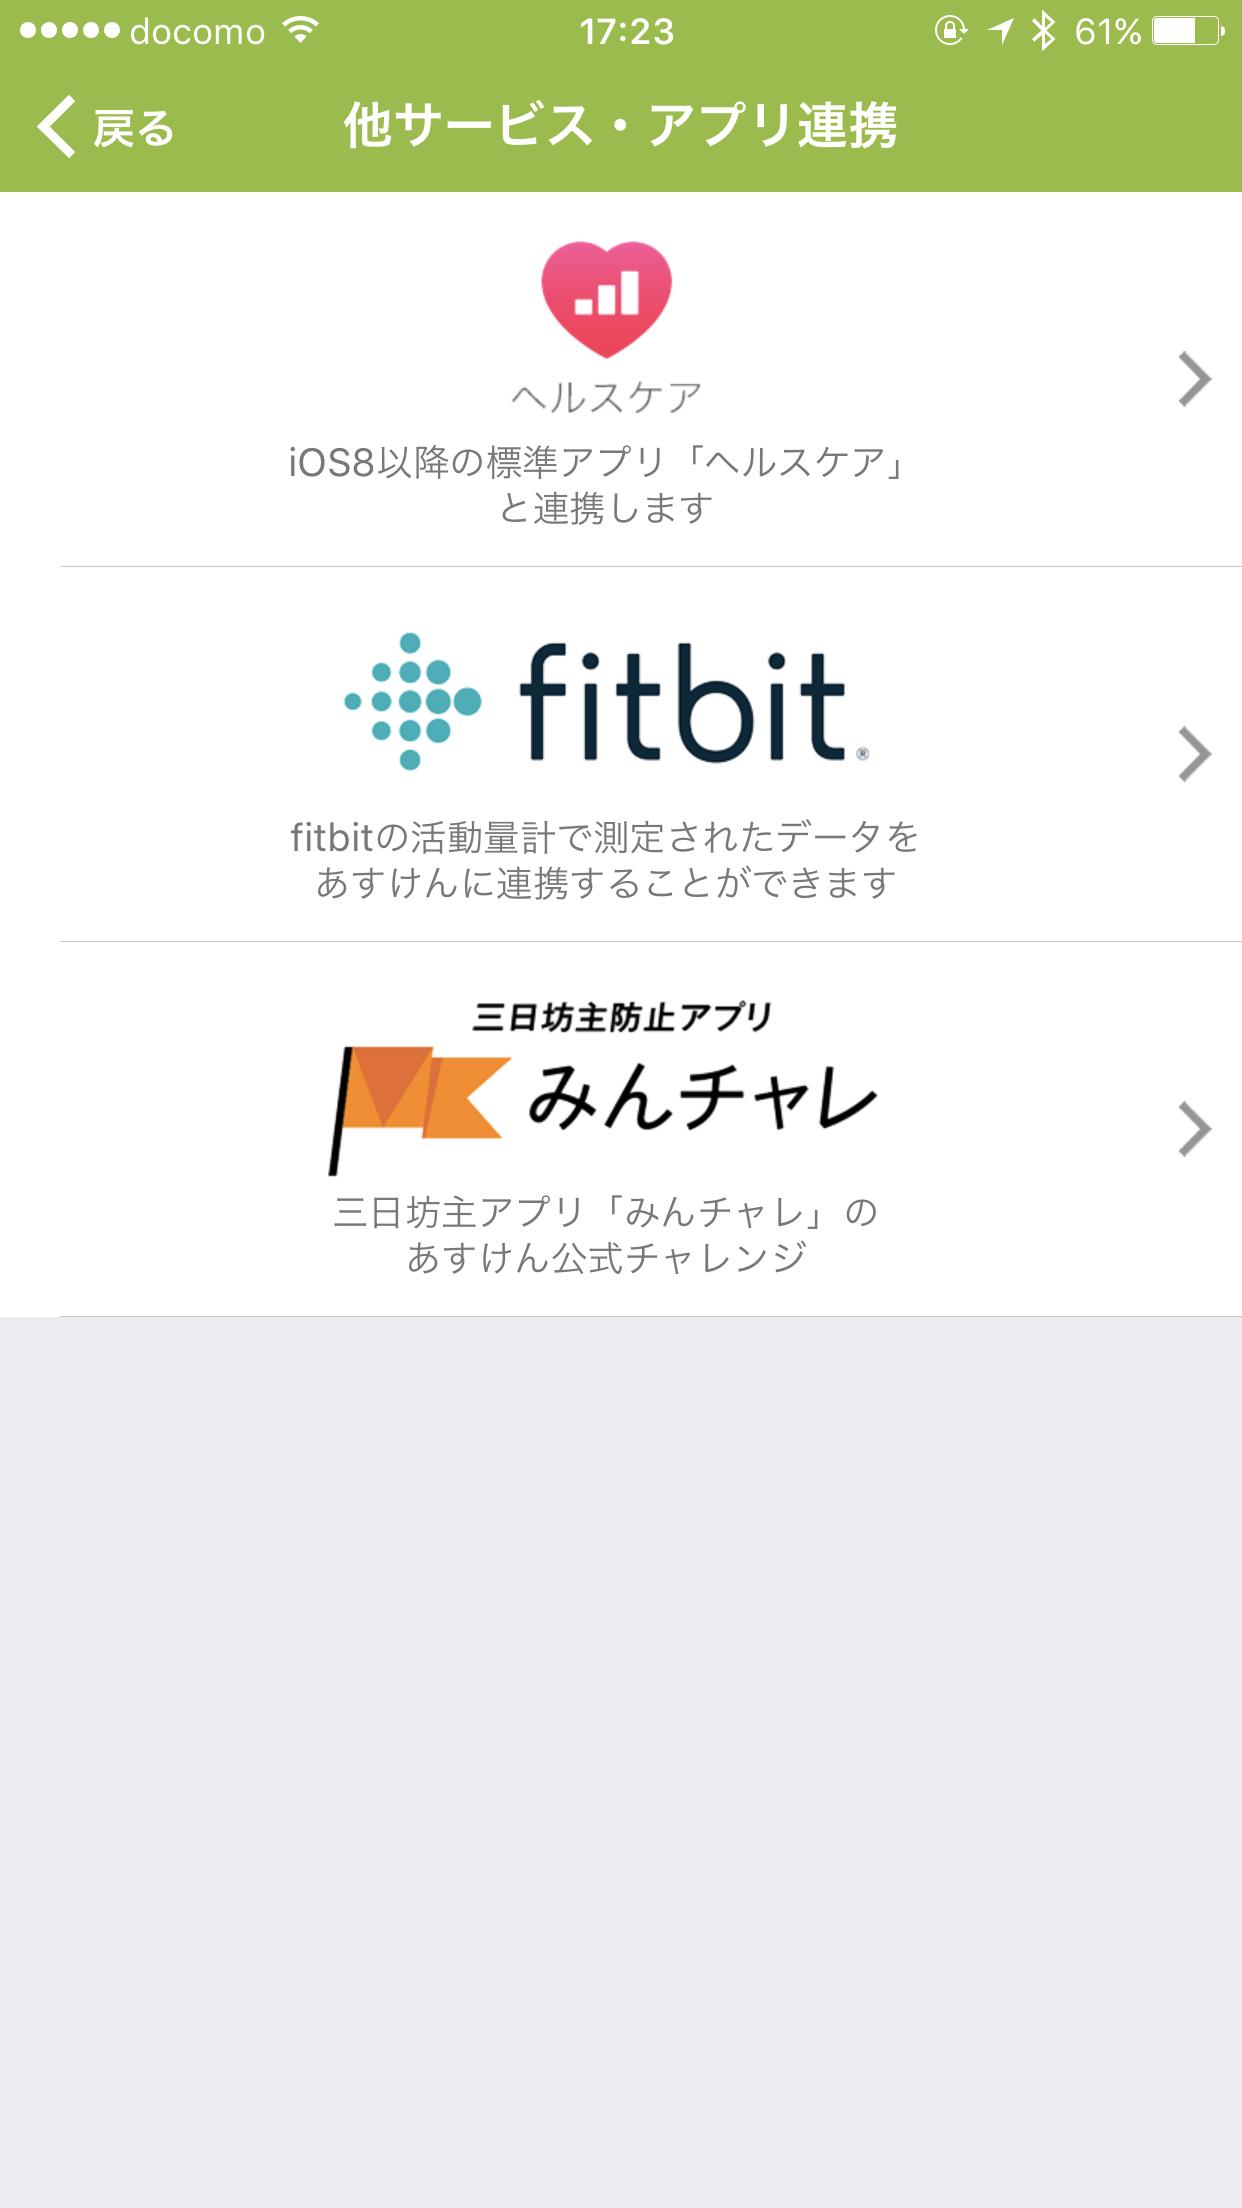 ヘルスケアやFitbitと連携してデータを取り込めば、もっと便利に